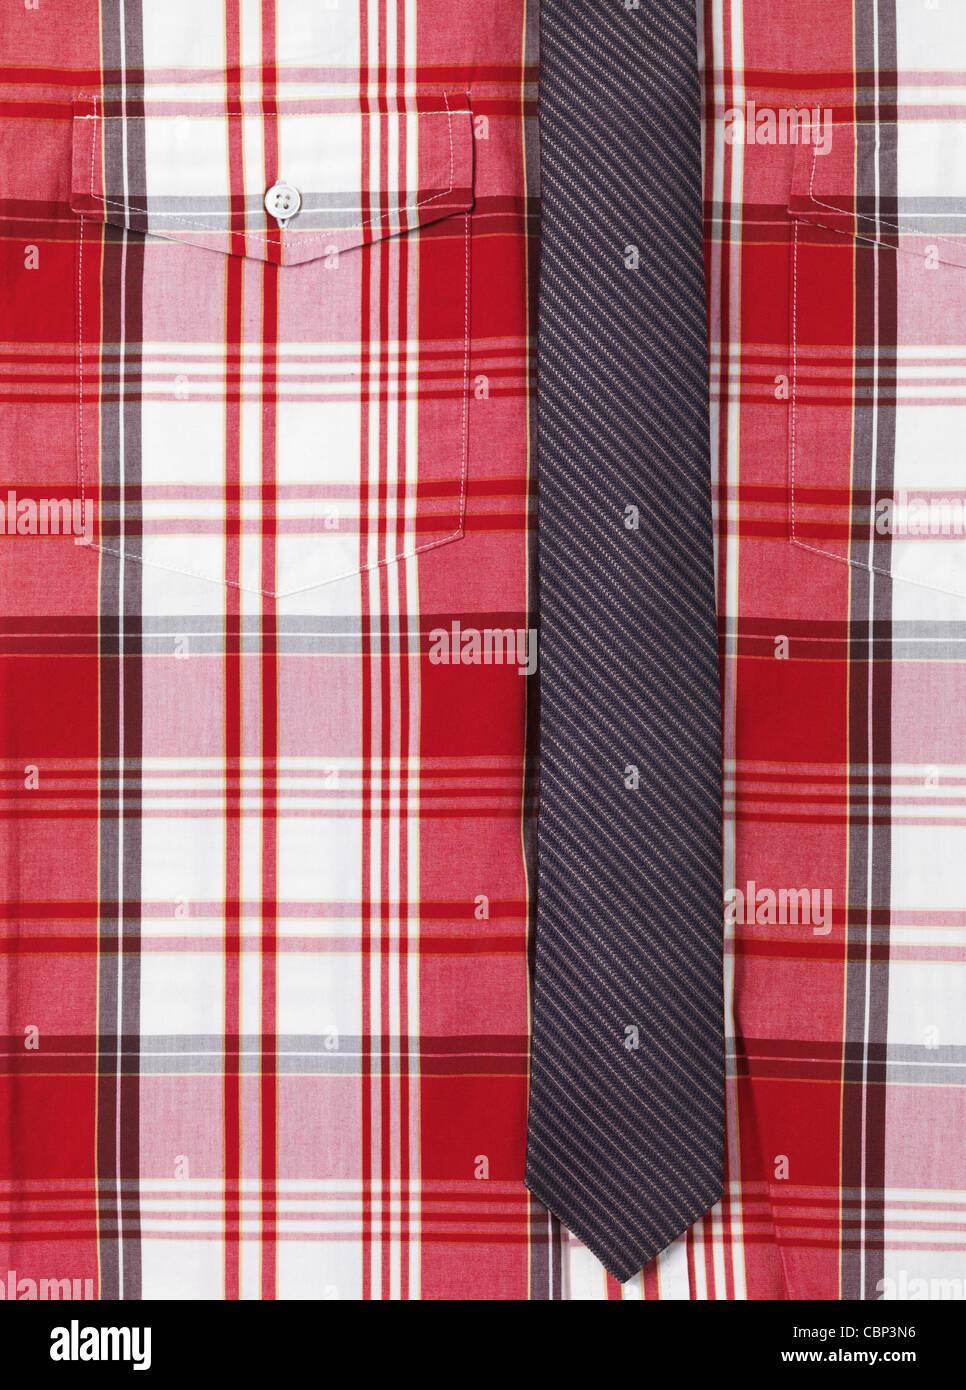 Primo piano di una mens fantasia tartan rosso maglia con un magro striata cravatta immagine di sfondo Immagini Stock